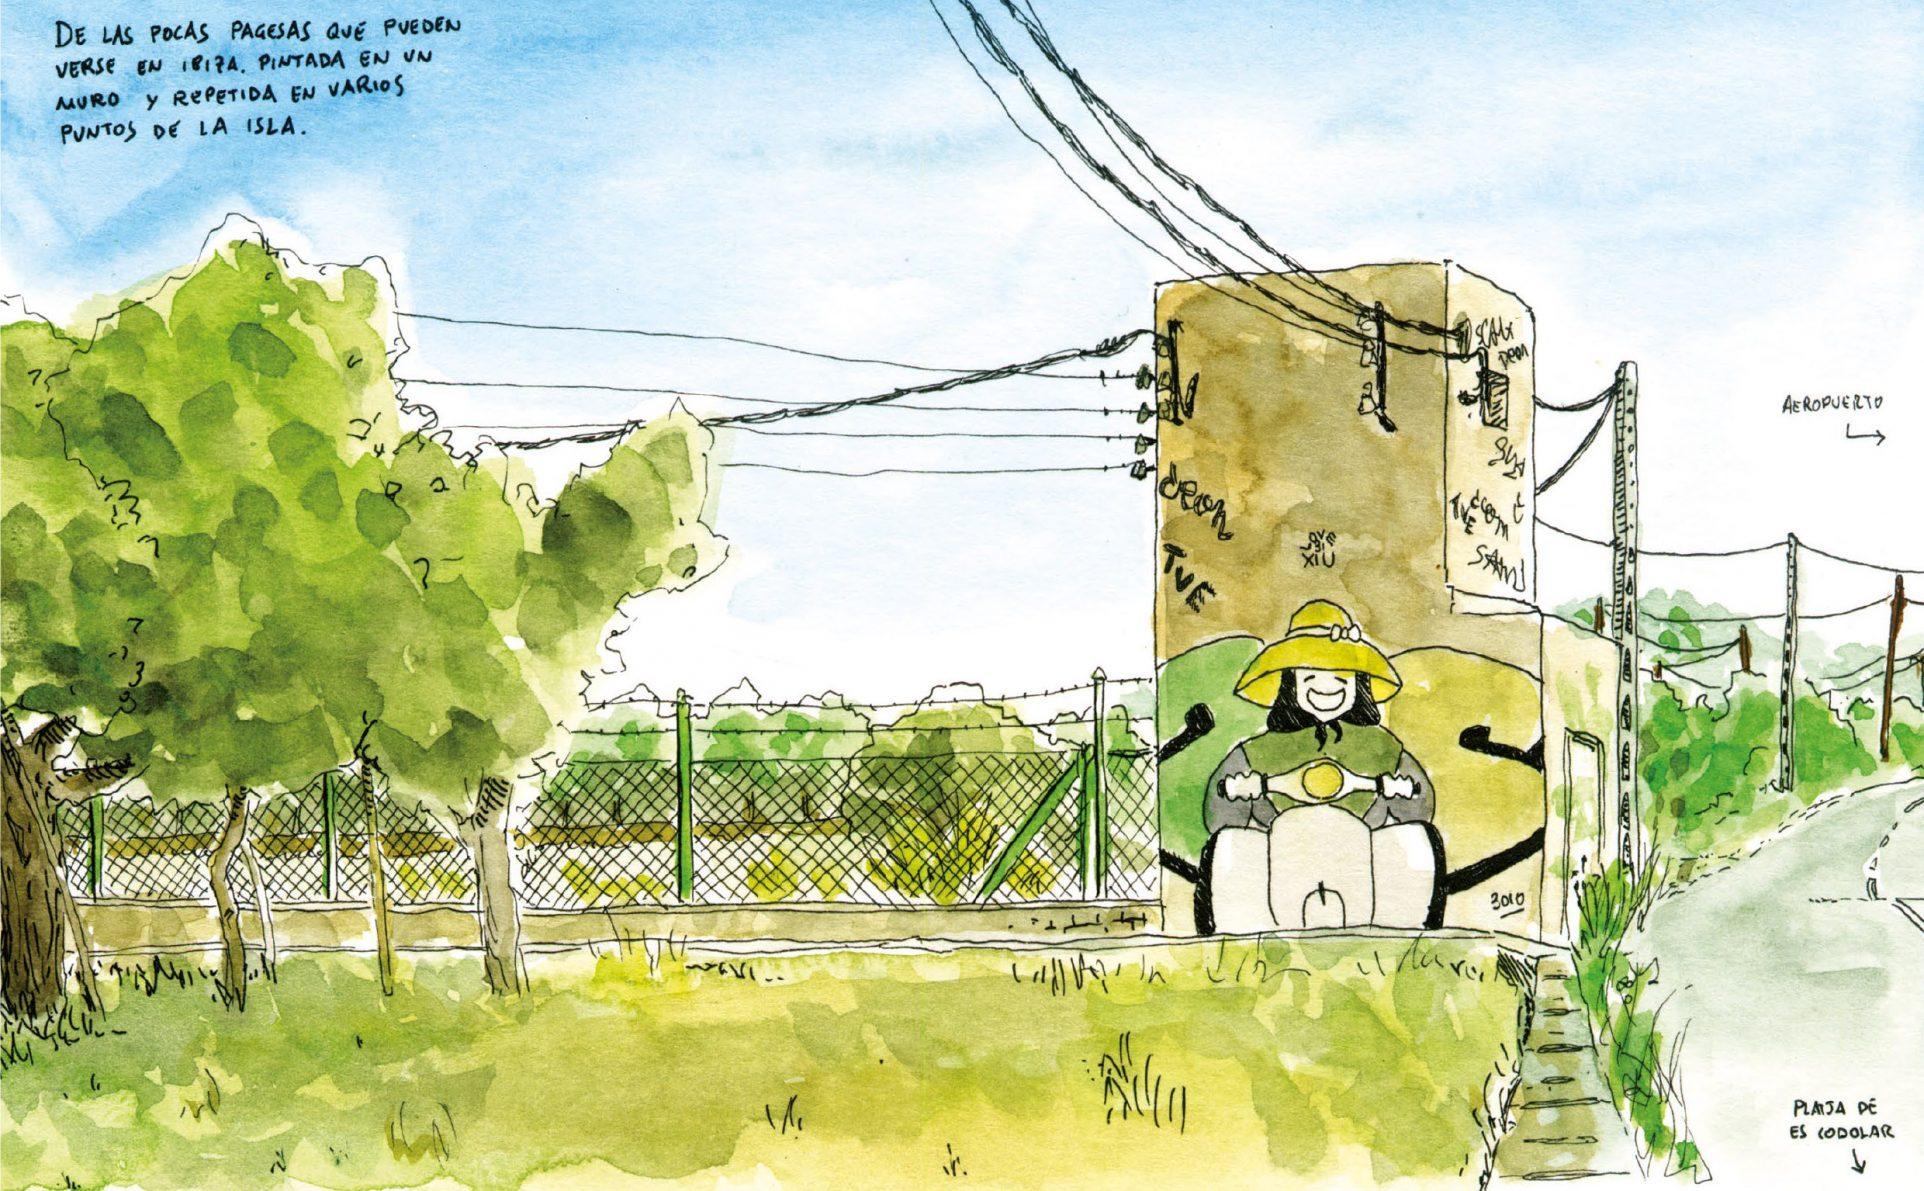 Detalle de un dibujo en acuarela del grafiti de una payesa ibicenca. Sant Josep Ibiza